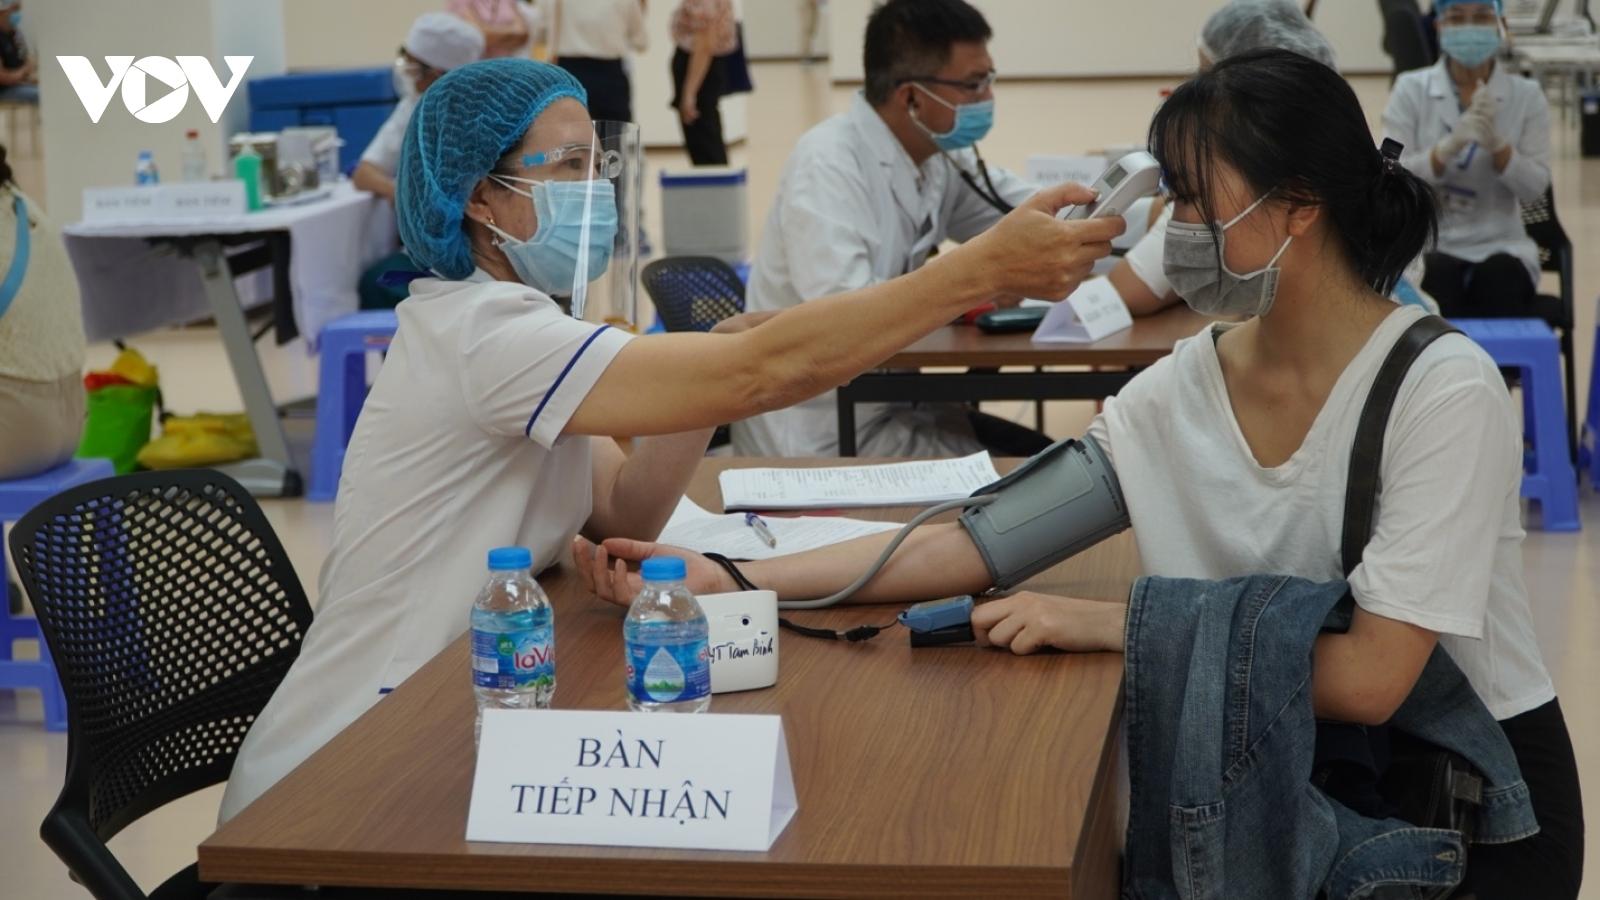 Dốc sức phục vụ chiến dịch tiêm vaccine lớn nhất lịch sử tại TP.HCM